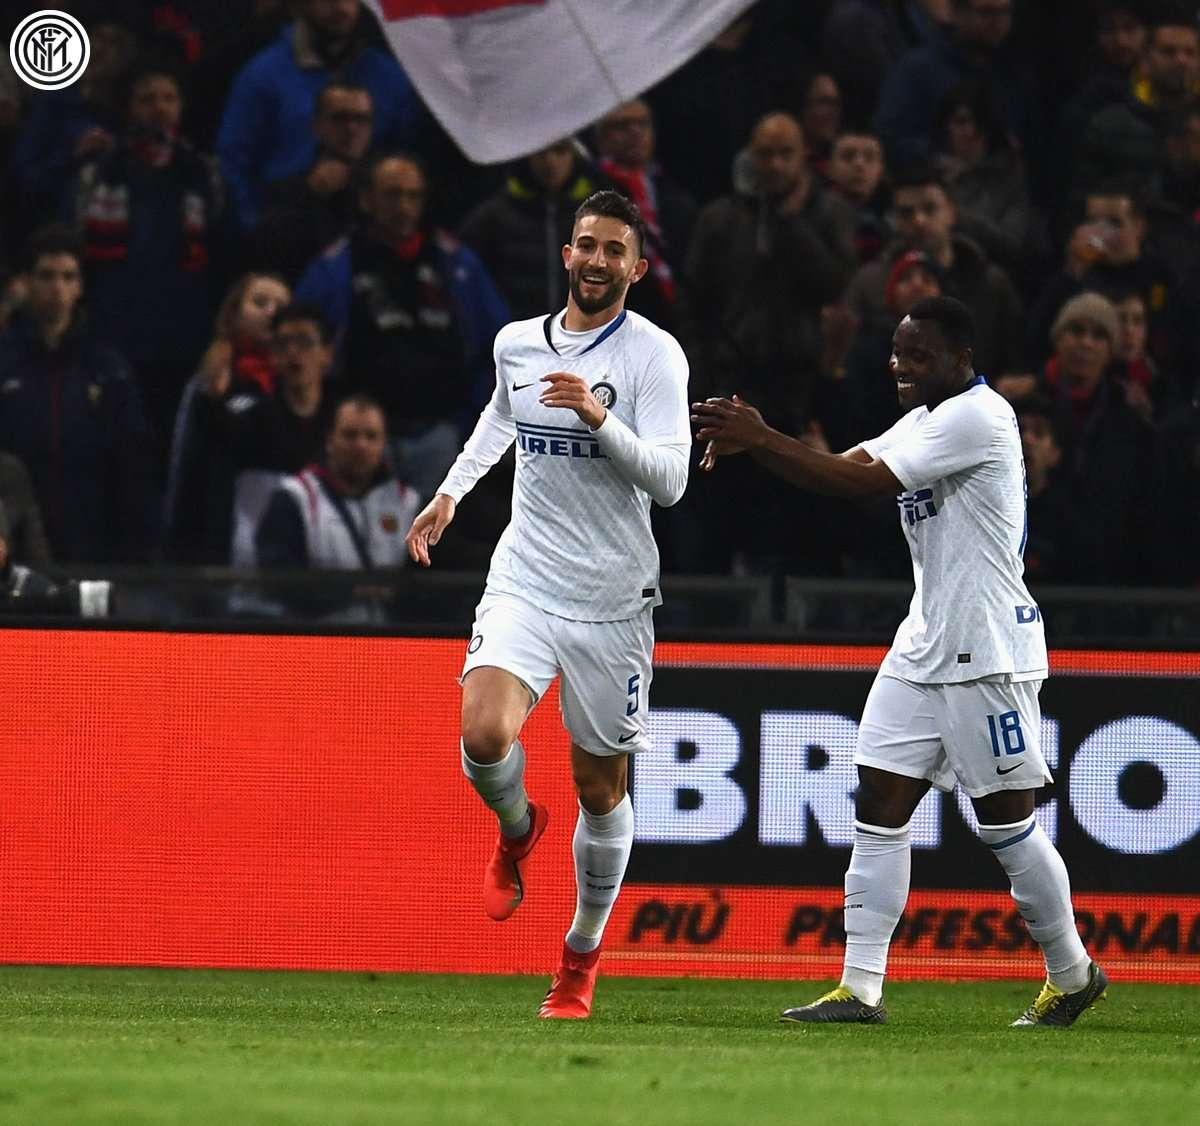 Inter : la belle soirée d'Icardi et des Nerrazzuri